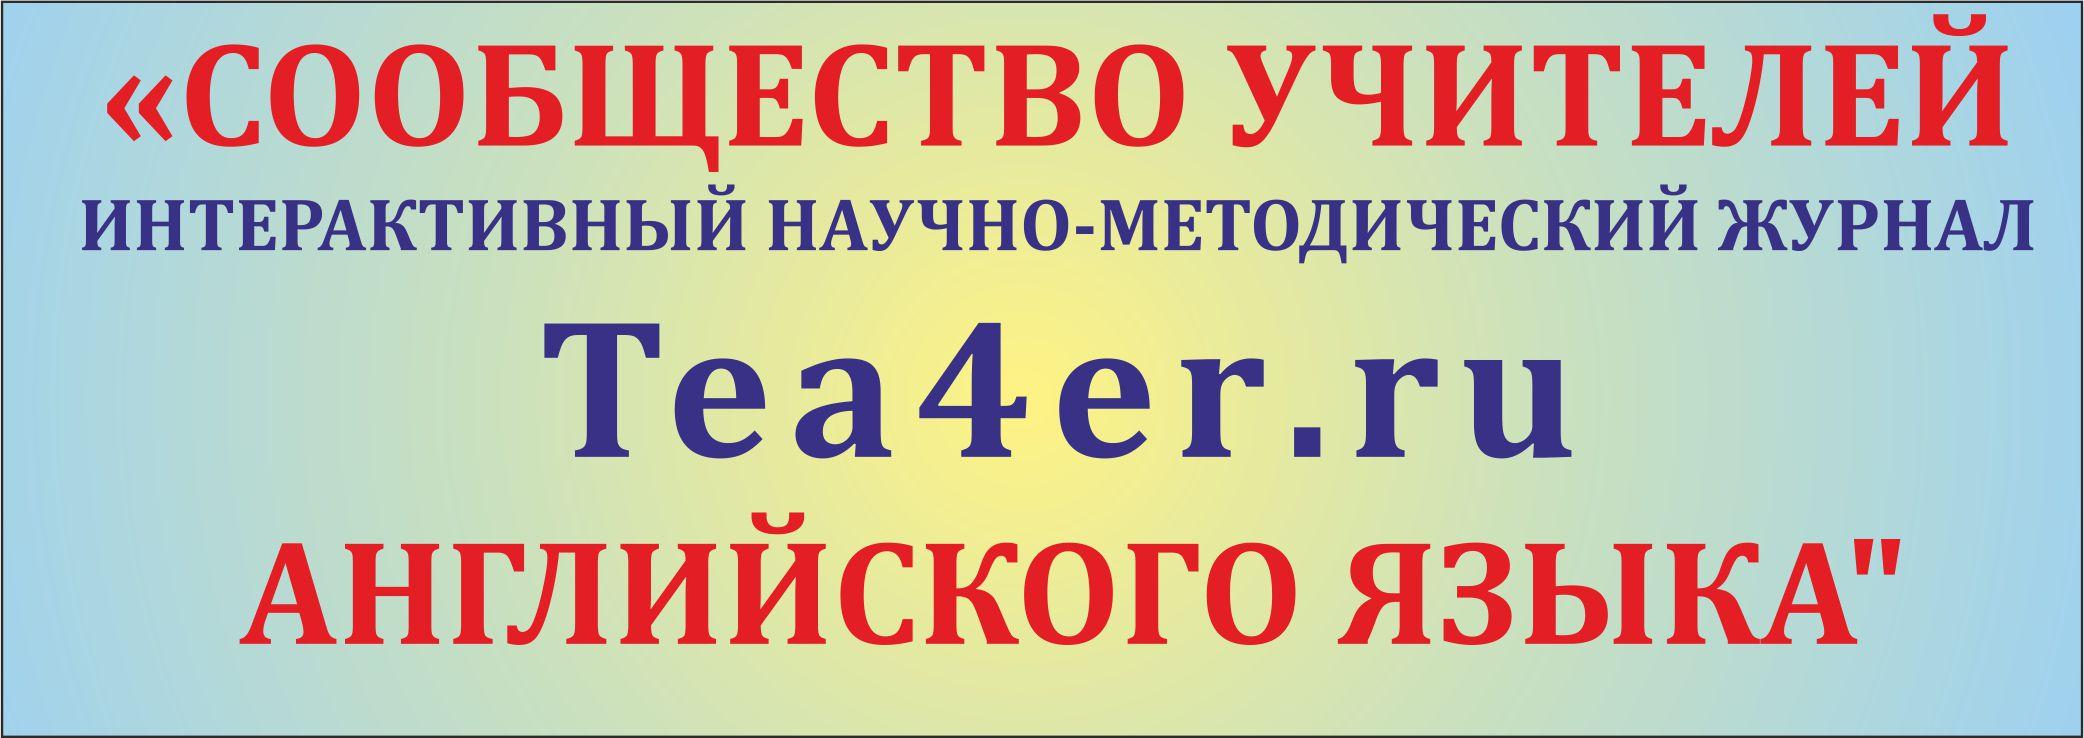 tea4er.ru